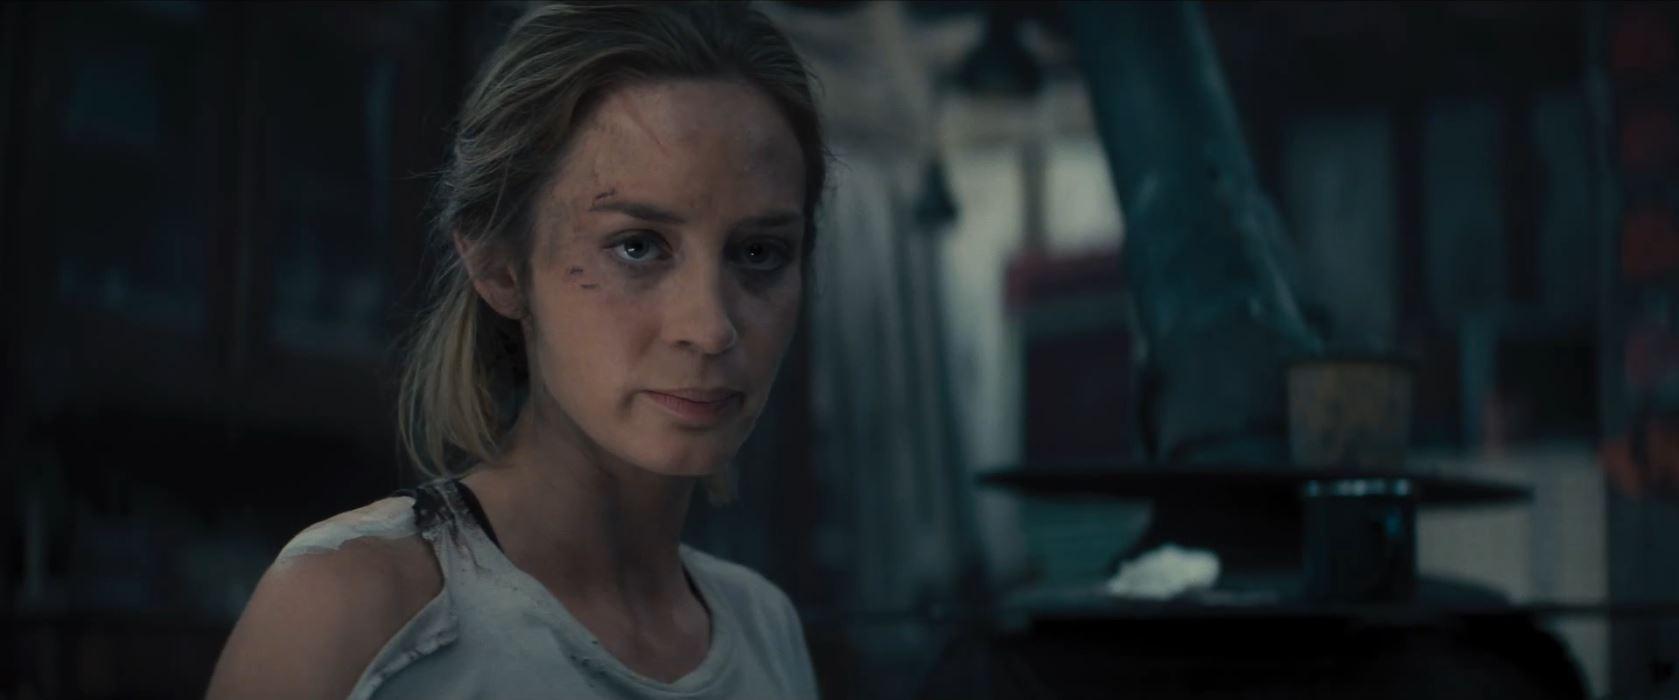 Edge of Tomorrow - Emily Blunt as Rita Vrataski